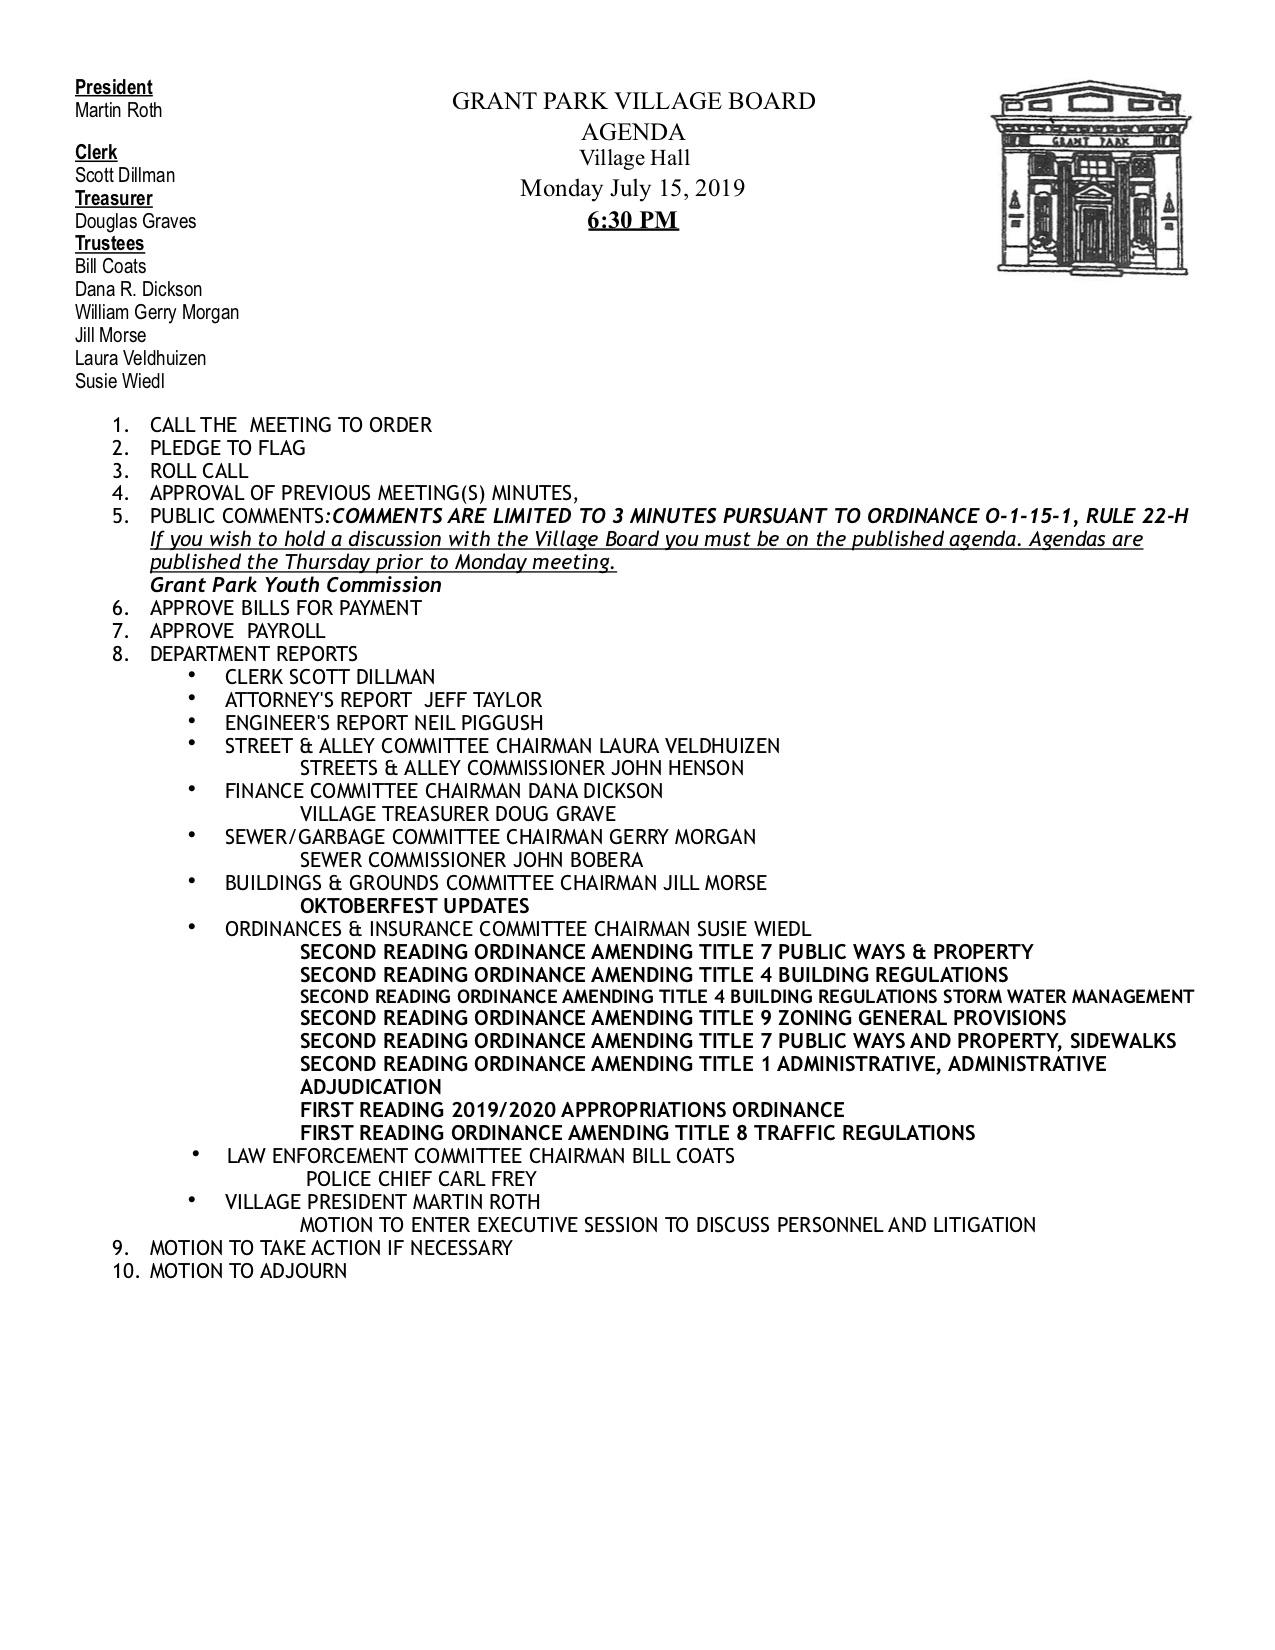 agenda71519.jpg